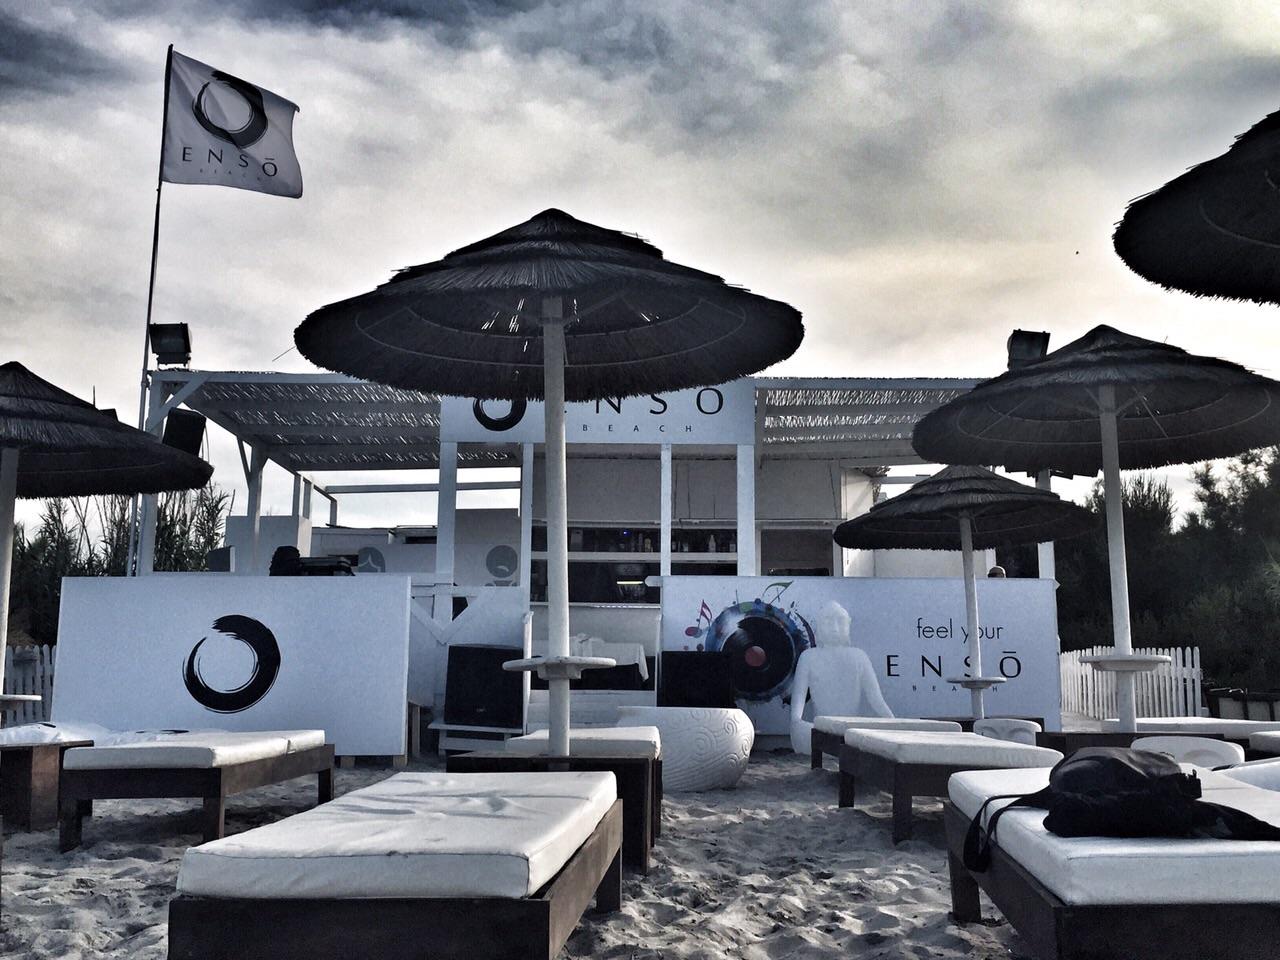 Enso beach lido balneare del Salento